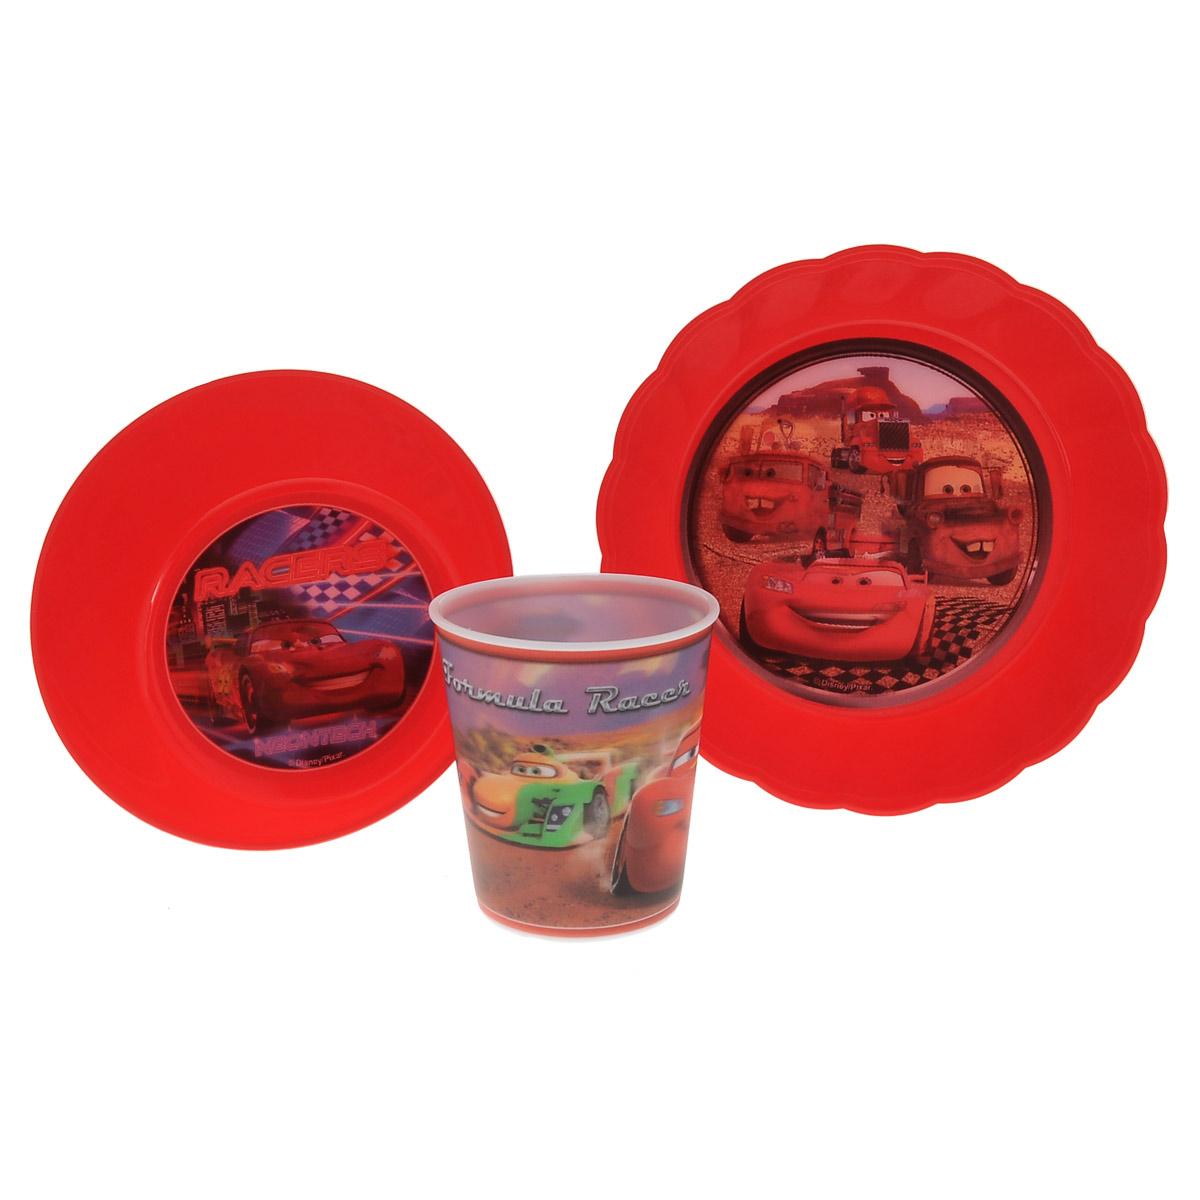 Набор детской посуды Disney Тачки, цвет: красный, 3 предмета. N3C1BK-410Набор детской посуды Disney Тачки состоит из стакана, салатника и тарелки. Посуда, выполненная из пищевого пластика, оформлена изображениями героев популярного мультфильма Тачки. Рисунки находятся под слоем прозрачного структурного пластика (линзы), создающего эффект объемного изображения, как в 3D кино, и исключающего попадание краски в жидкость. Небьющаяся посуда, красивая, легкая и удобная в уходе, прекрасно выдерживает горячую пищу. Ваш малыш с удовольствием будет кушать вместе с любимыми героями. Объем стакана: 260 мл. Высота стакана: 8,5 см. Диаметр стакана (по верхнему краю): 8 см. Диаметр салатника: 15 см. Высота салатника: 5 см. Диаметр тарелки: 18 см. Высота тарелки: 4 см.